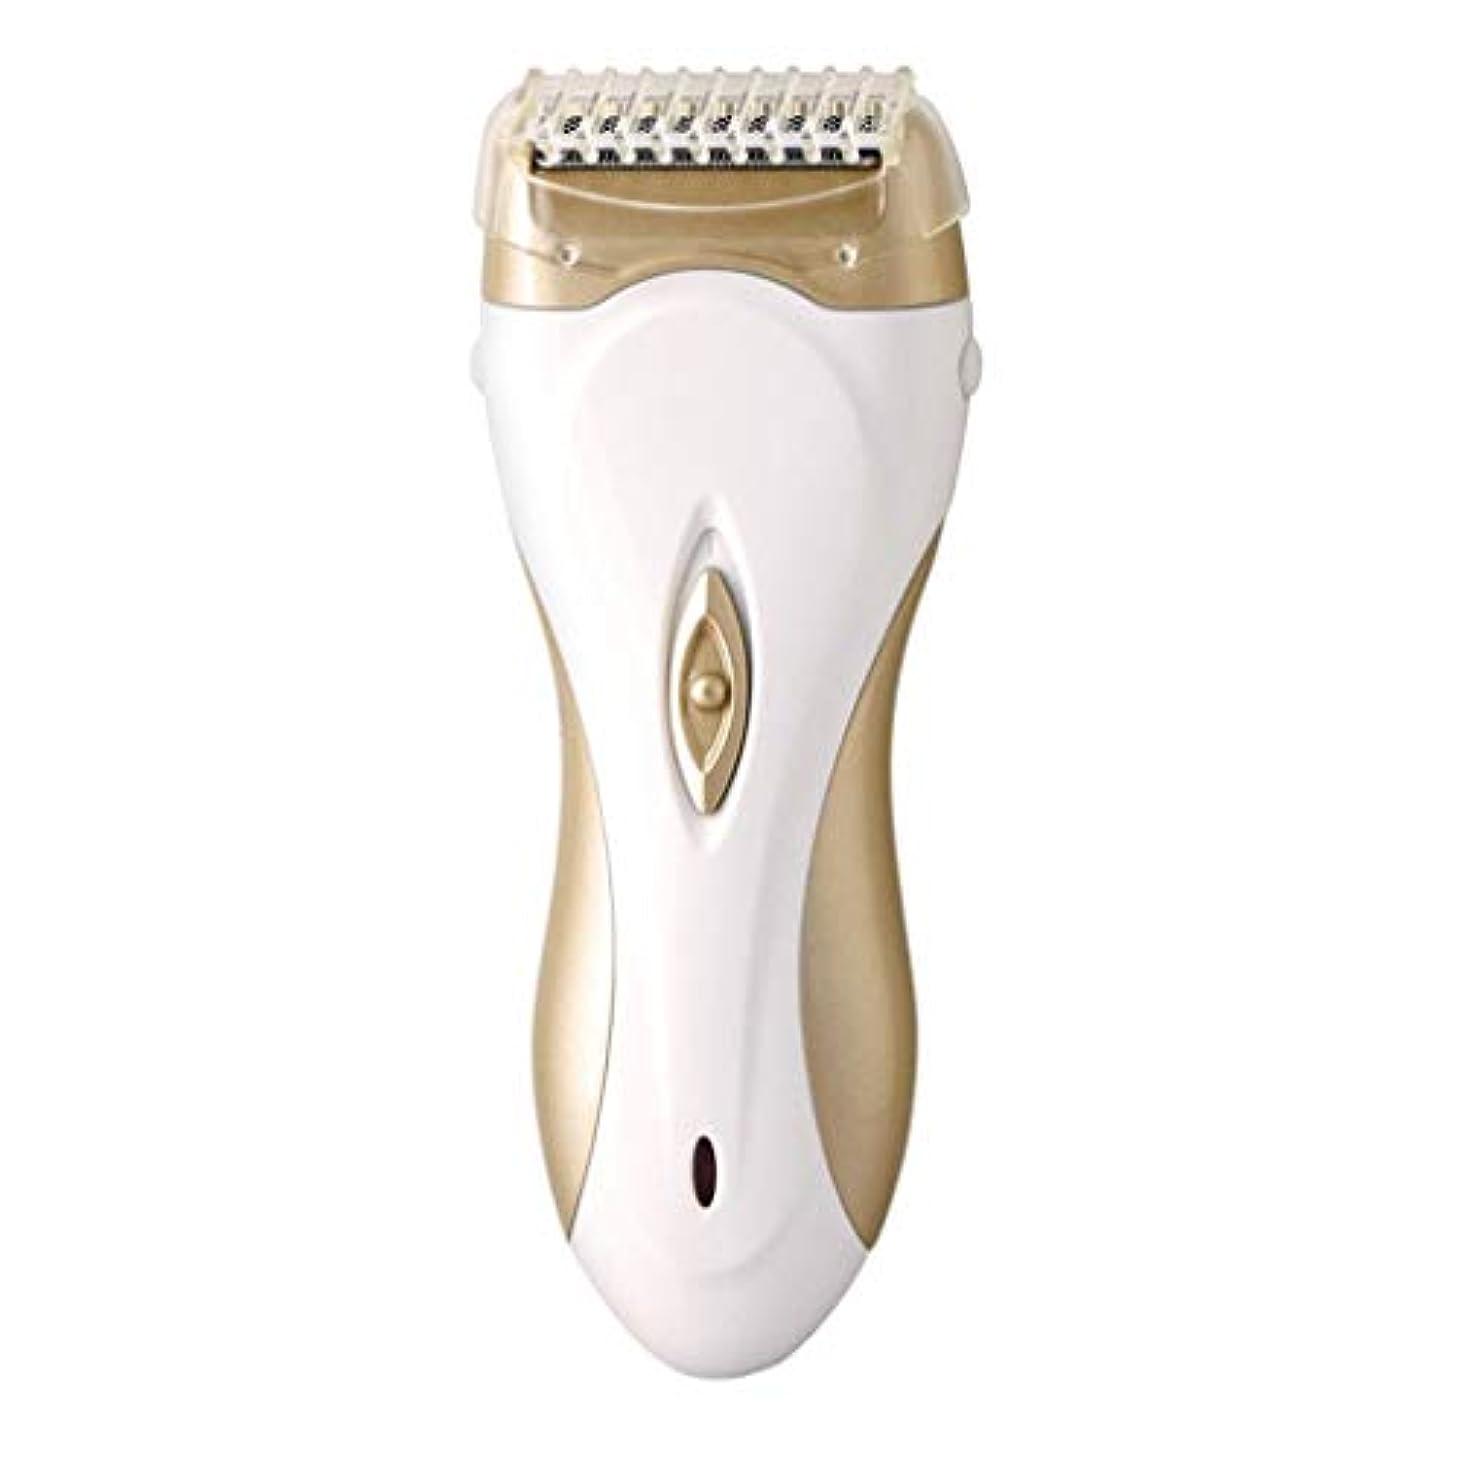 アリーナ委任するニックネーム女性用電気かみそり、携帯用脚、脱毛器多機能用充電式ユニセックス脱毛器 (Color : Gold)